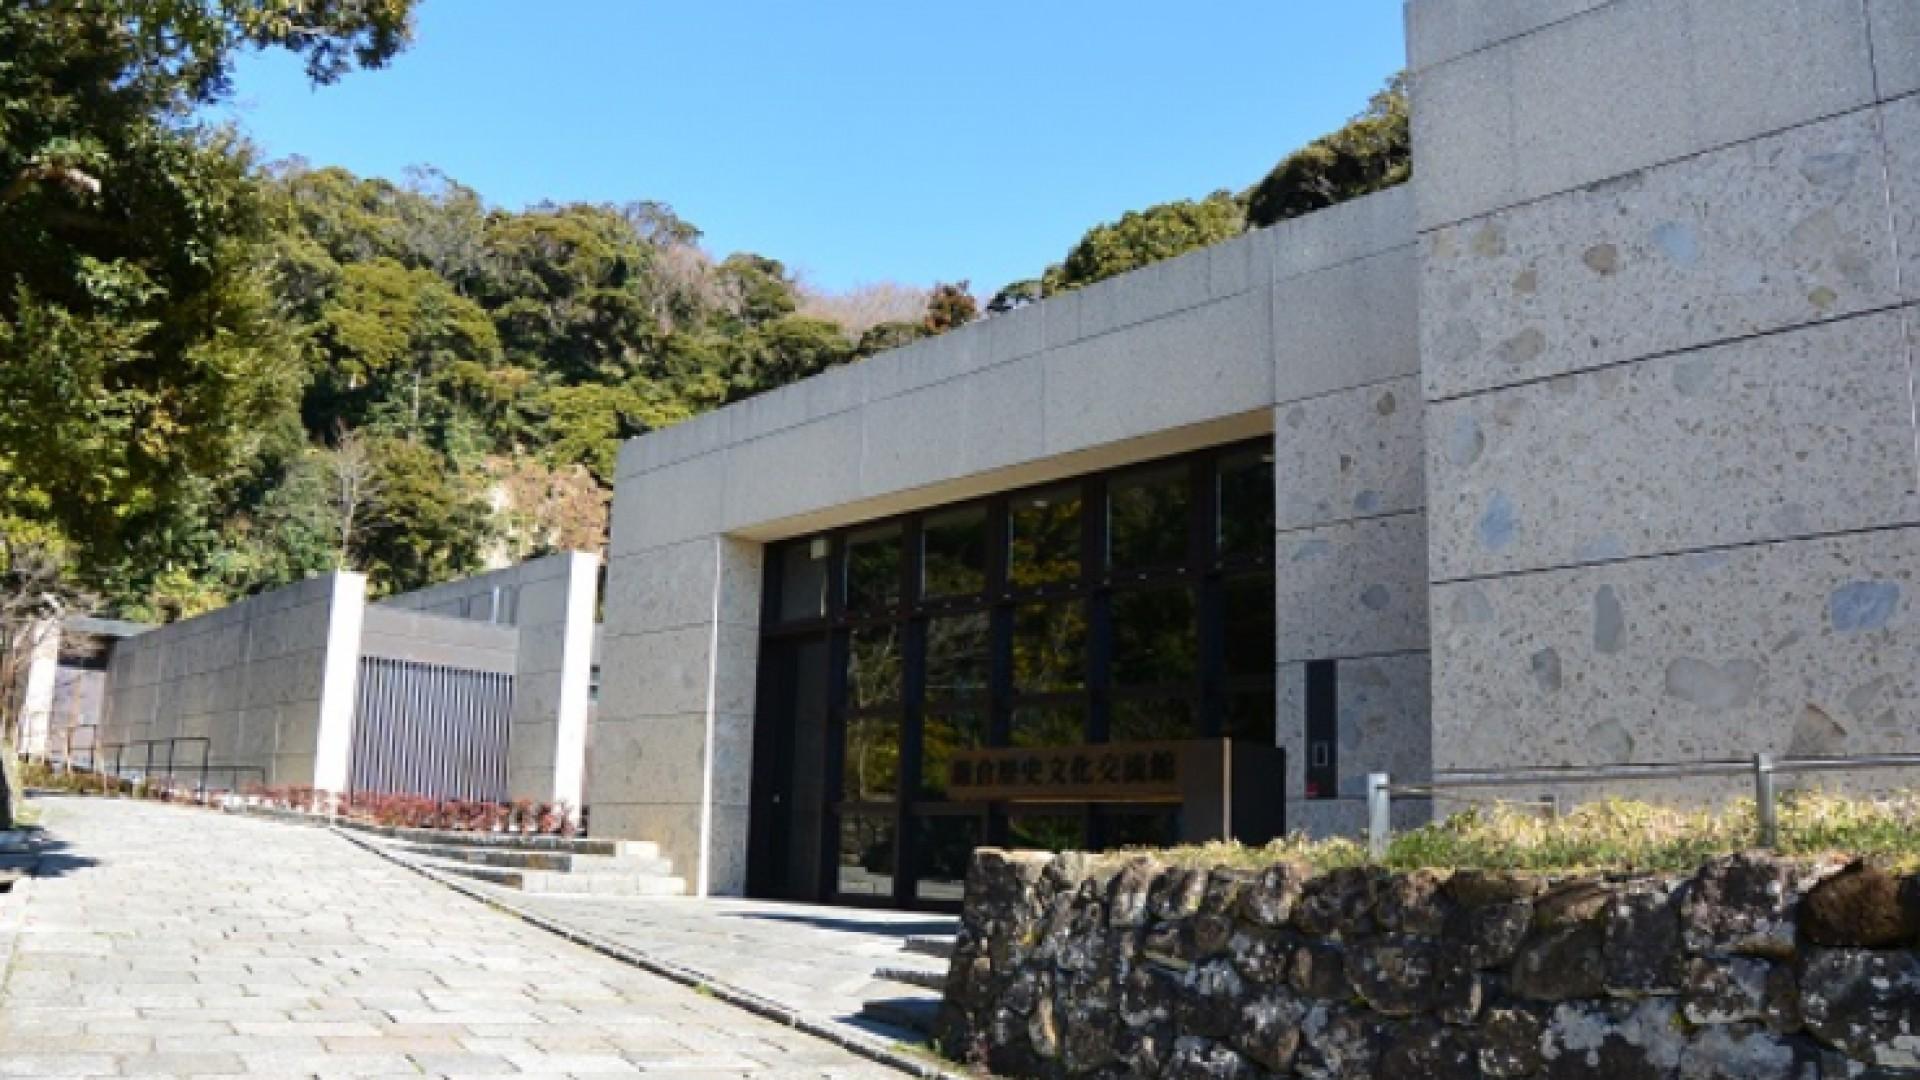 镰仓历史文化博物馆